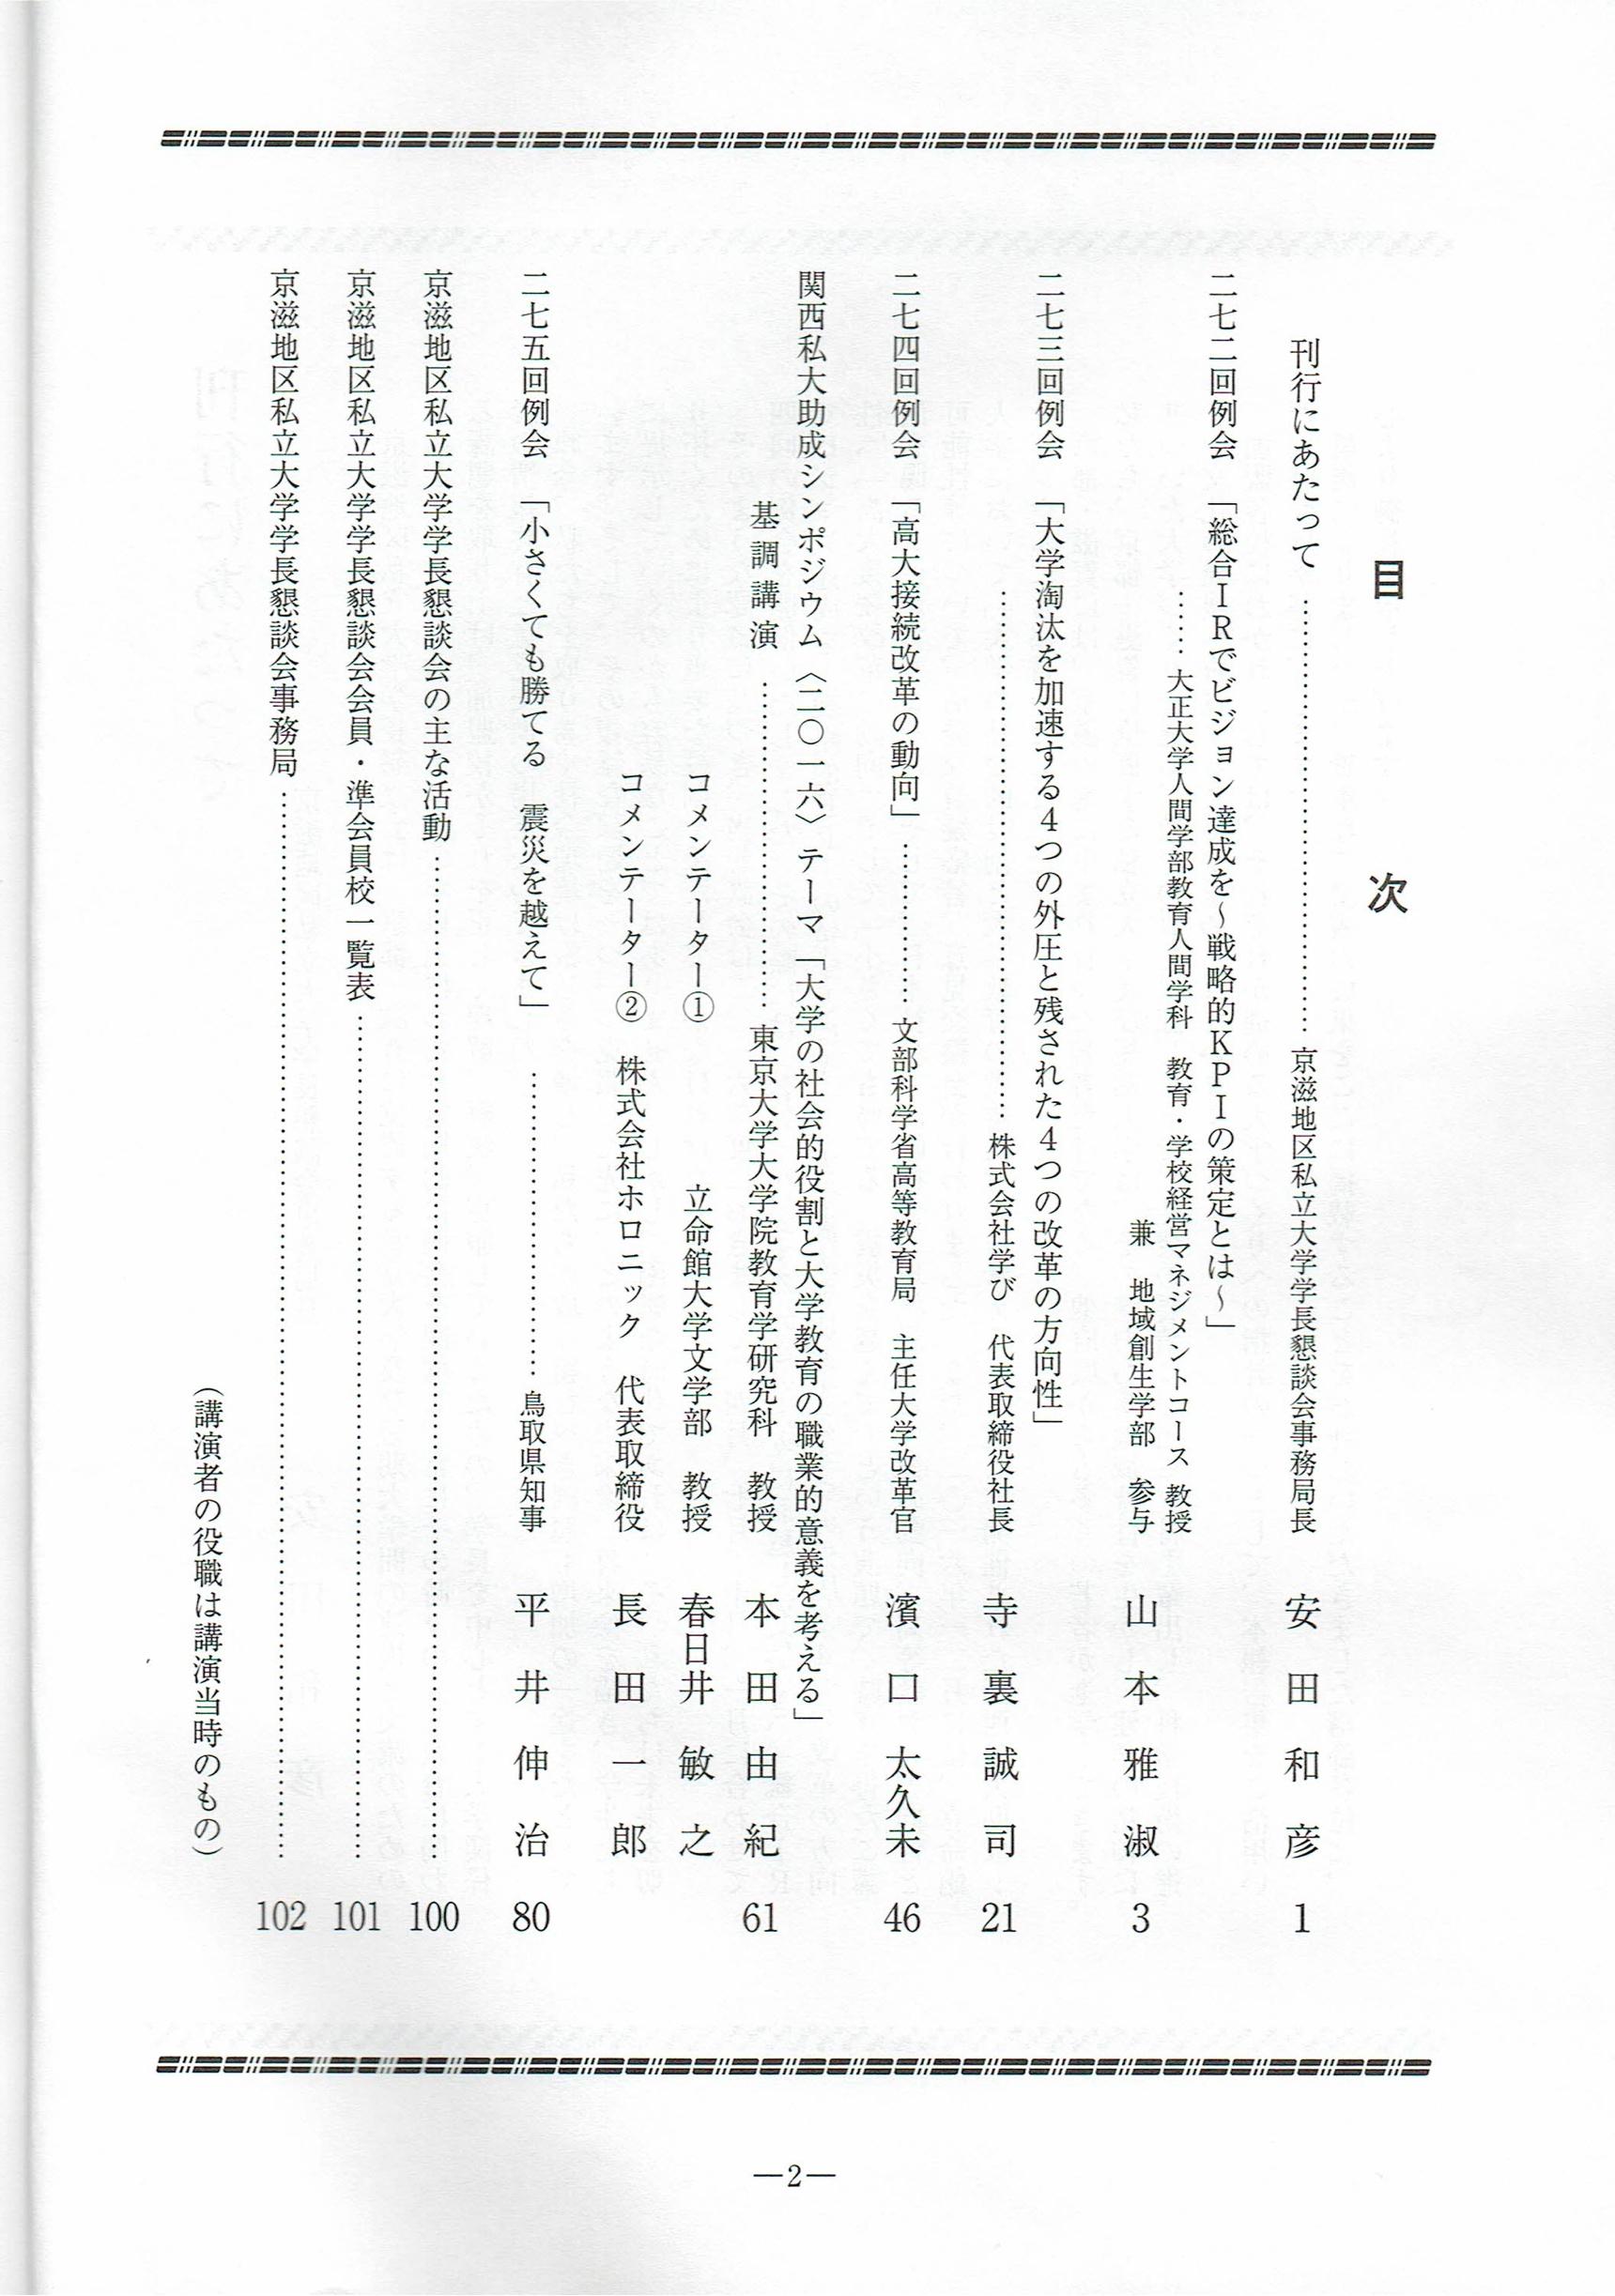 京滋地区私立大学学長懇談会報告集に掲載サブ写真